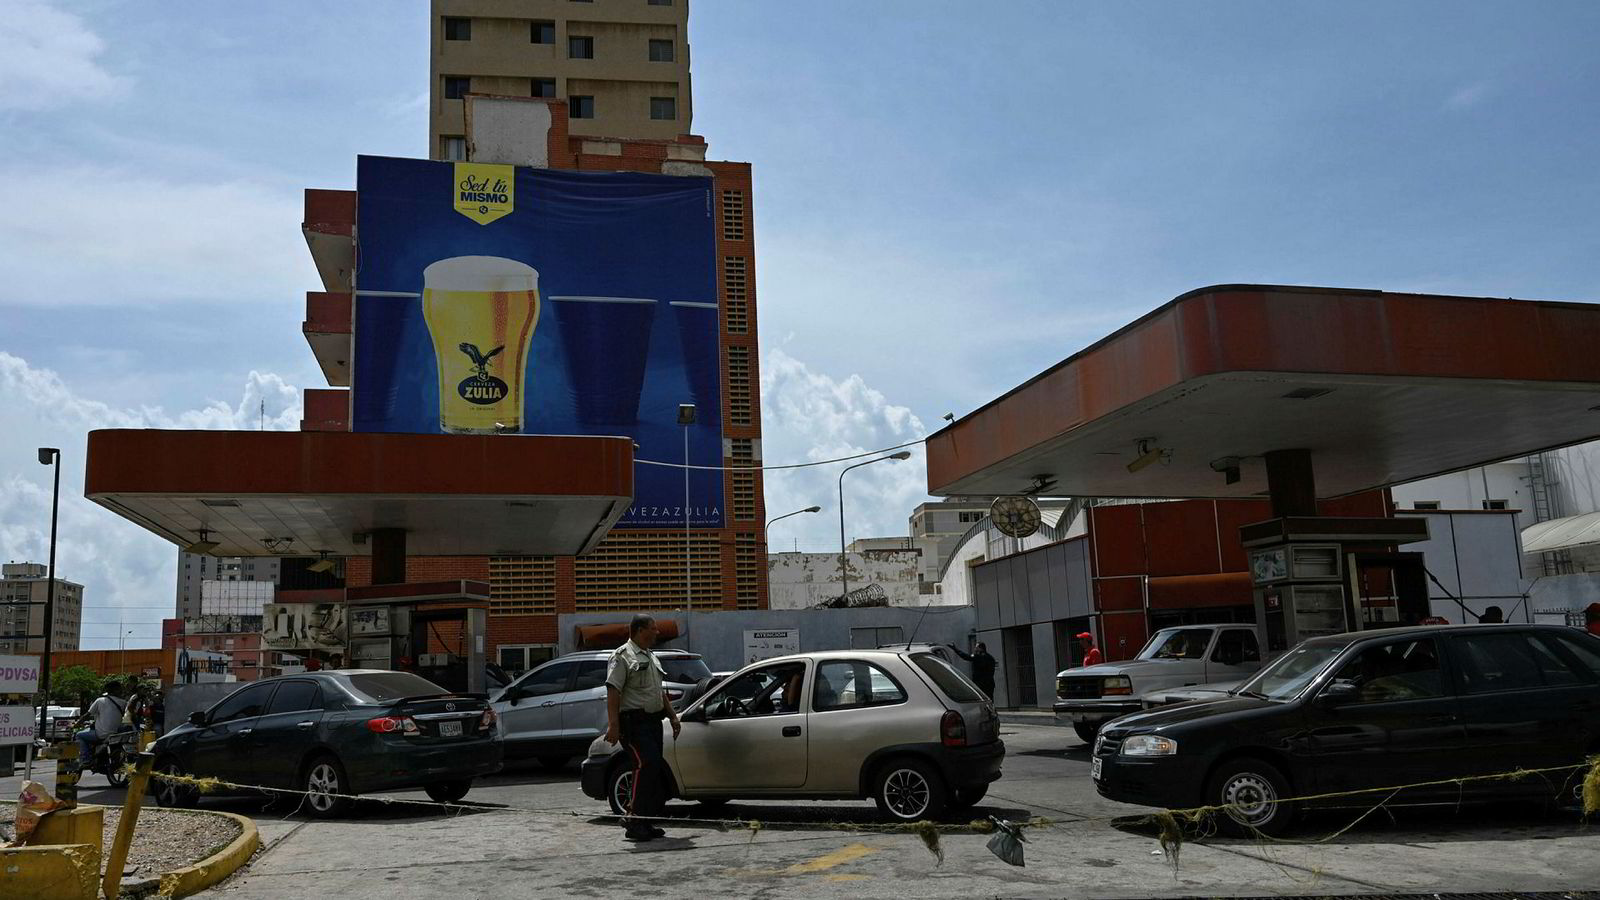 Problemene tårner seg fortsatt opp i Venezuela. Enkelte steder i landet må bilistene stå opptil 12 timer i kø for å få fylt bensin på bilene sine.